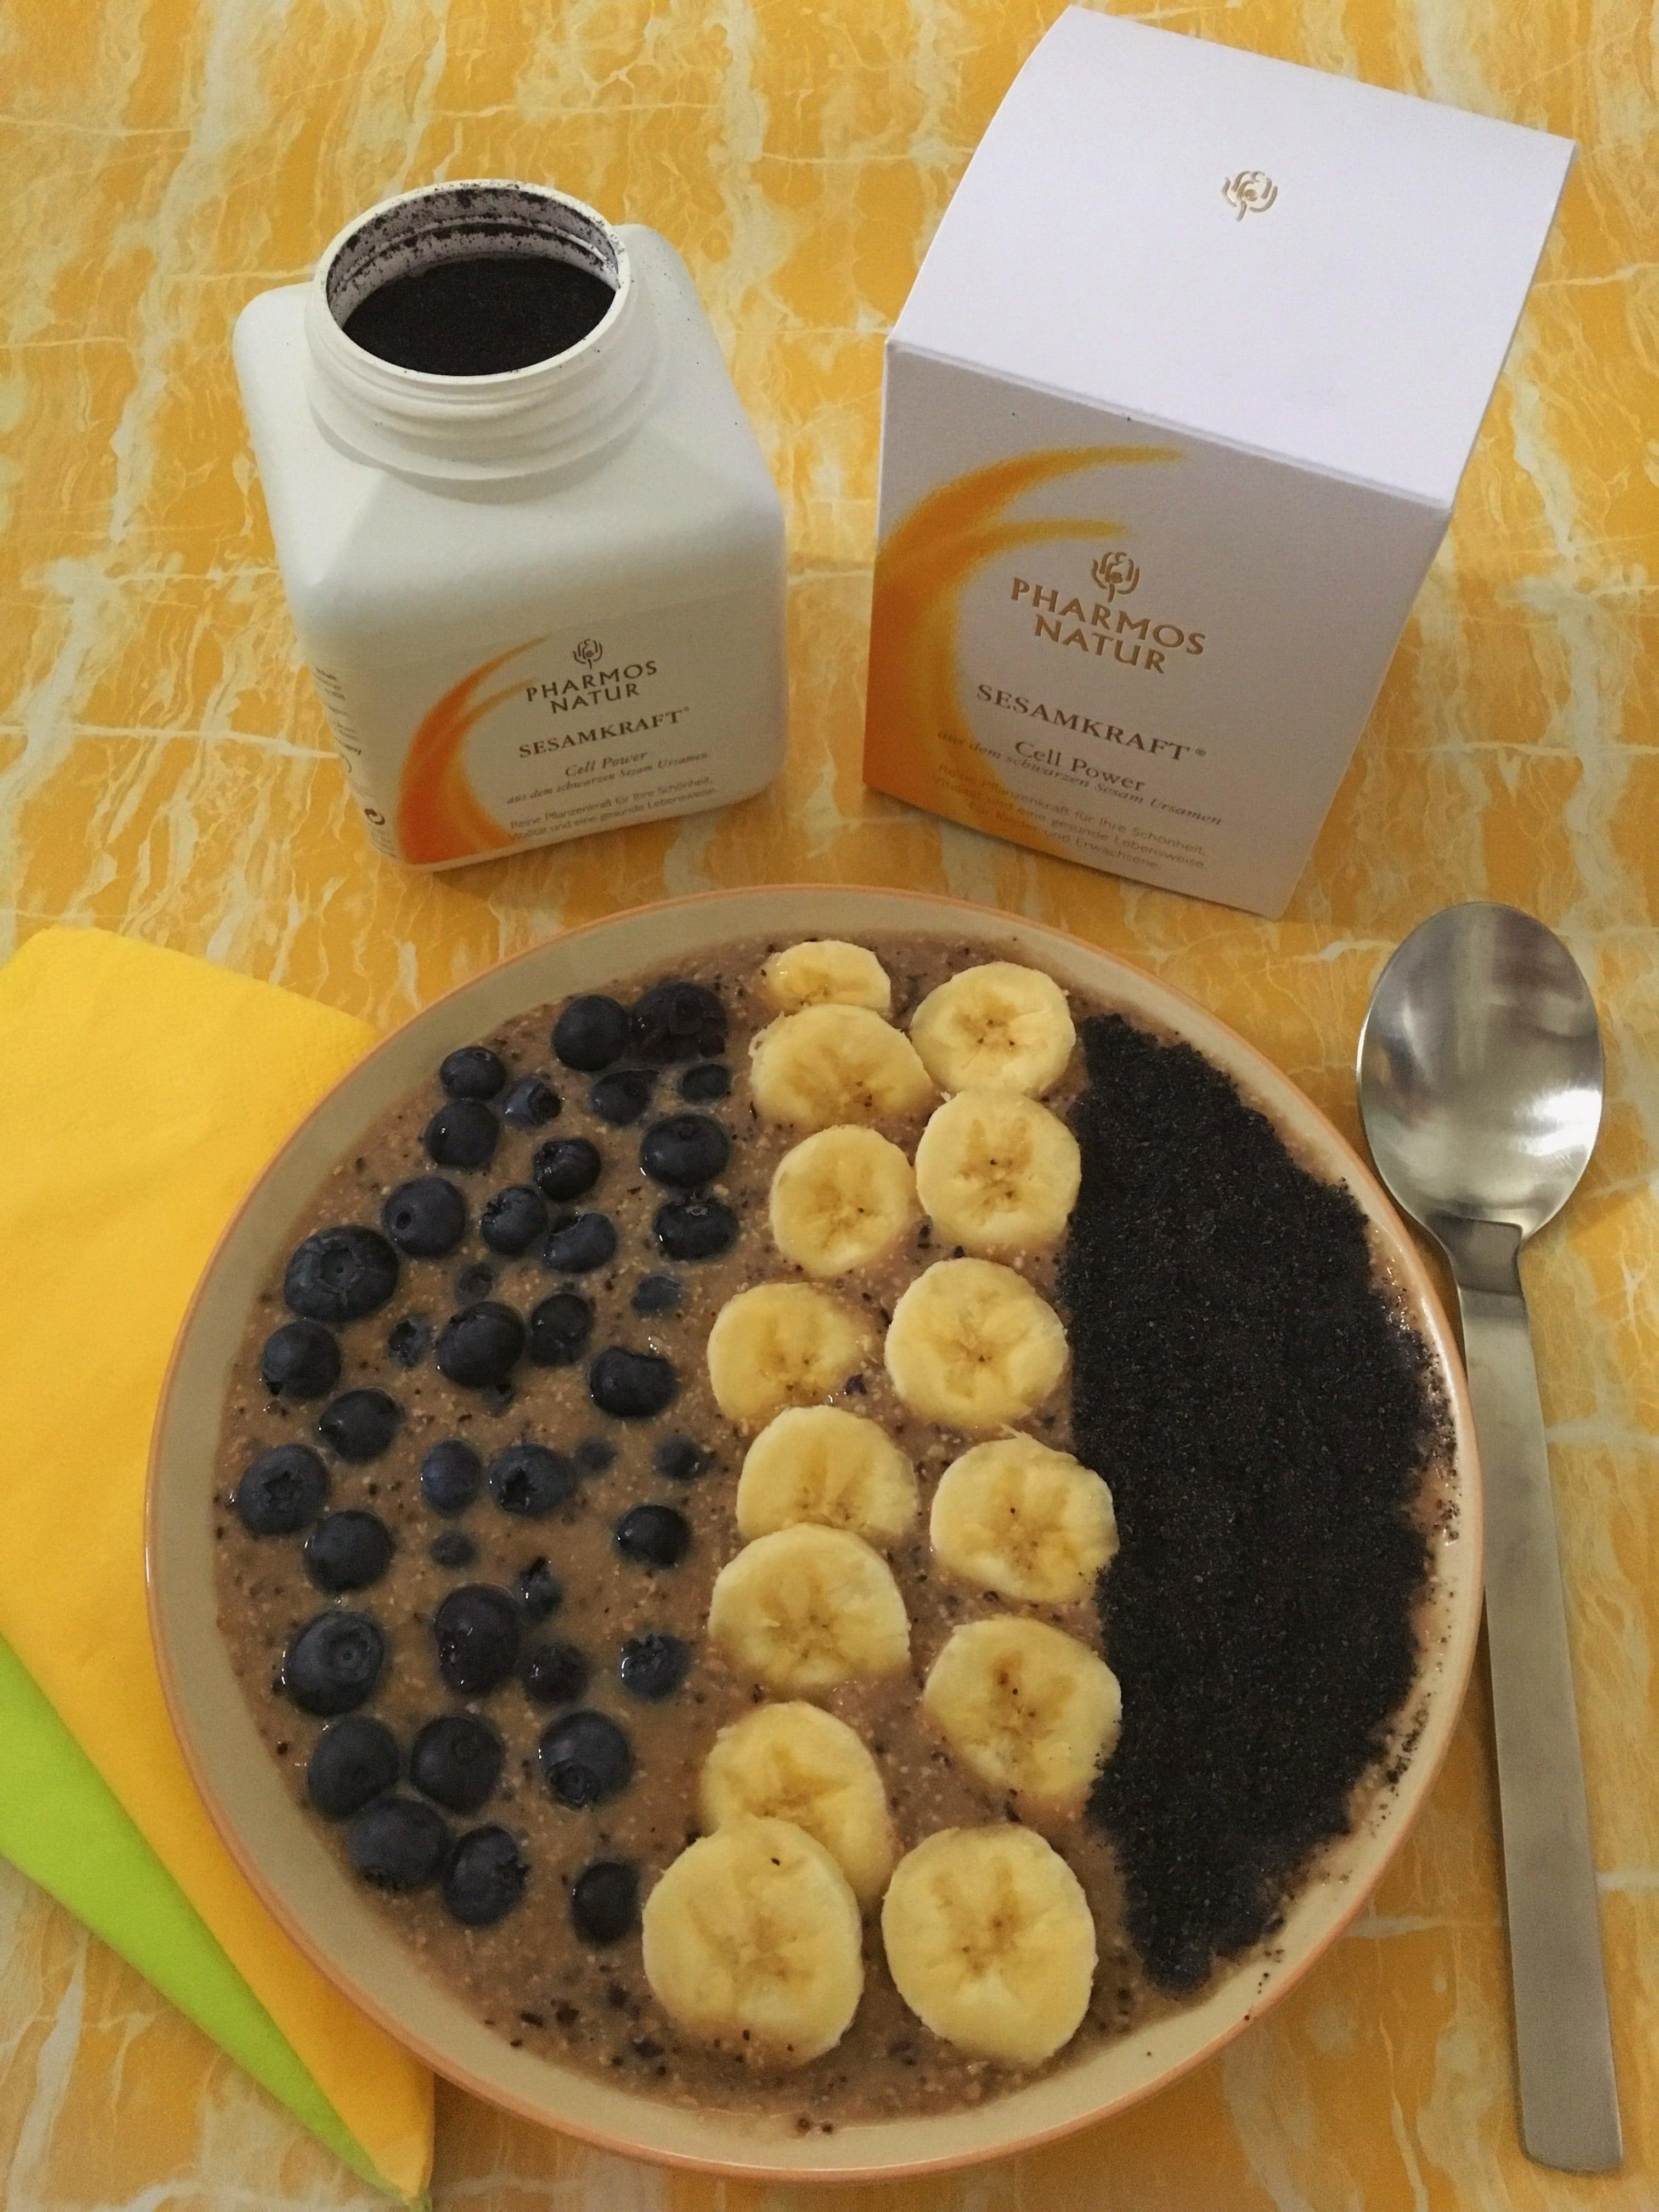 Ein veganes Frühstück mit Pharmos Natur ist lecker und hochwertig. In diesem Blogpost bekommt ihr ein Rezept mit Sesamkraft und dem Aloe Vera BioDirektsaft